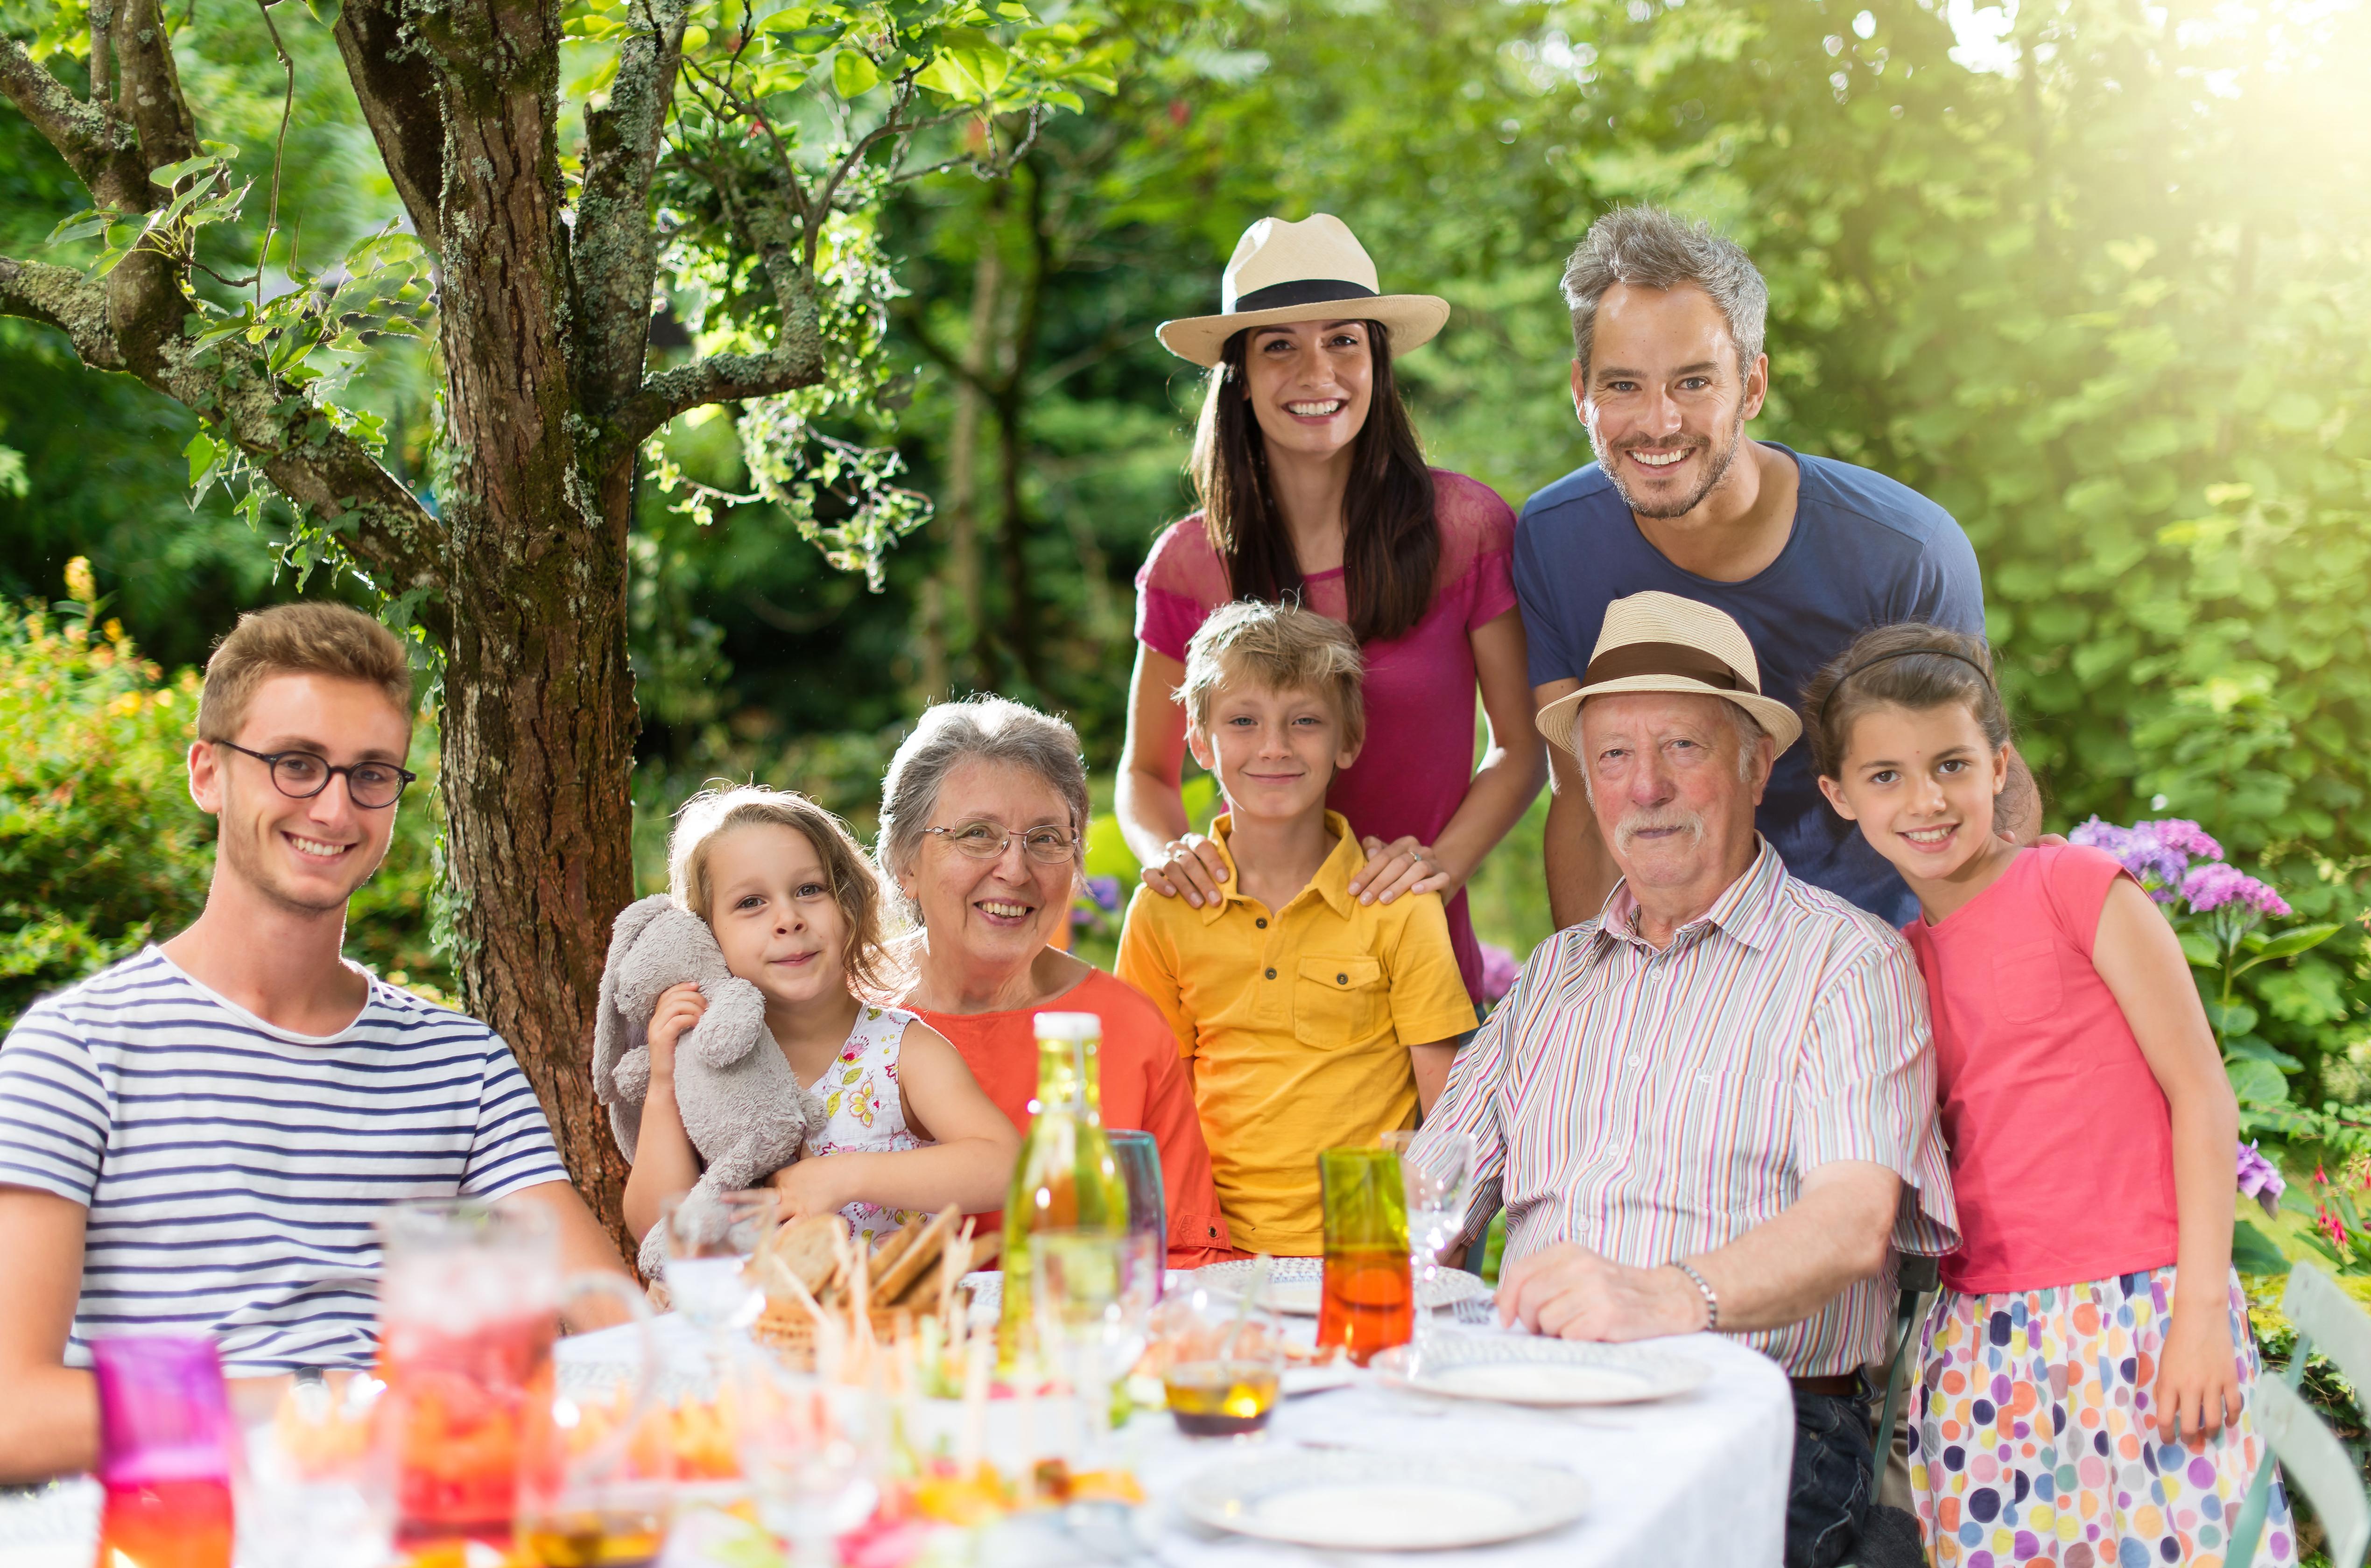 Воссоединение семьи как способ получить ПМЖ в Польше